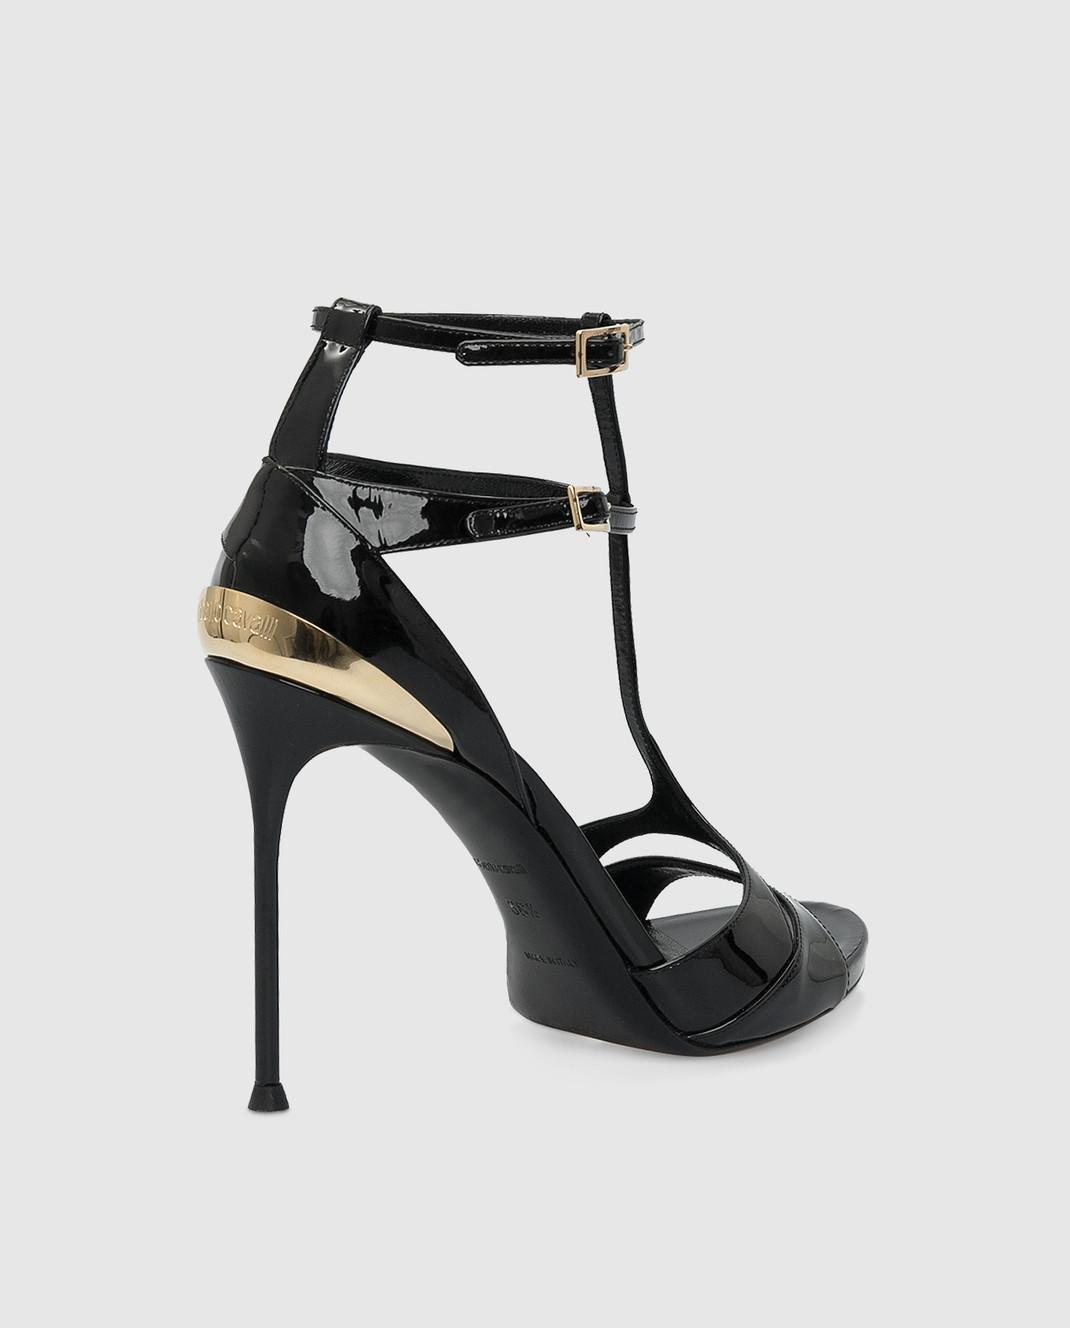 Roberto Cavalli Черные кожаные босоножки CQS163PL001 изображение 4